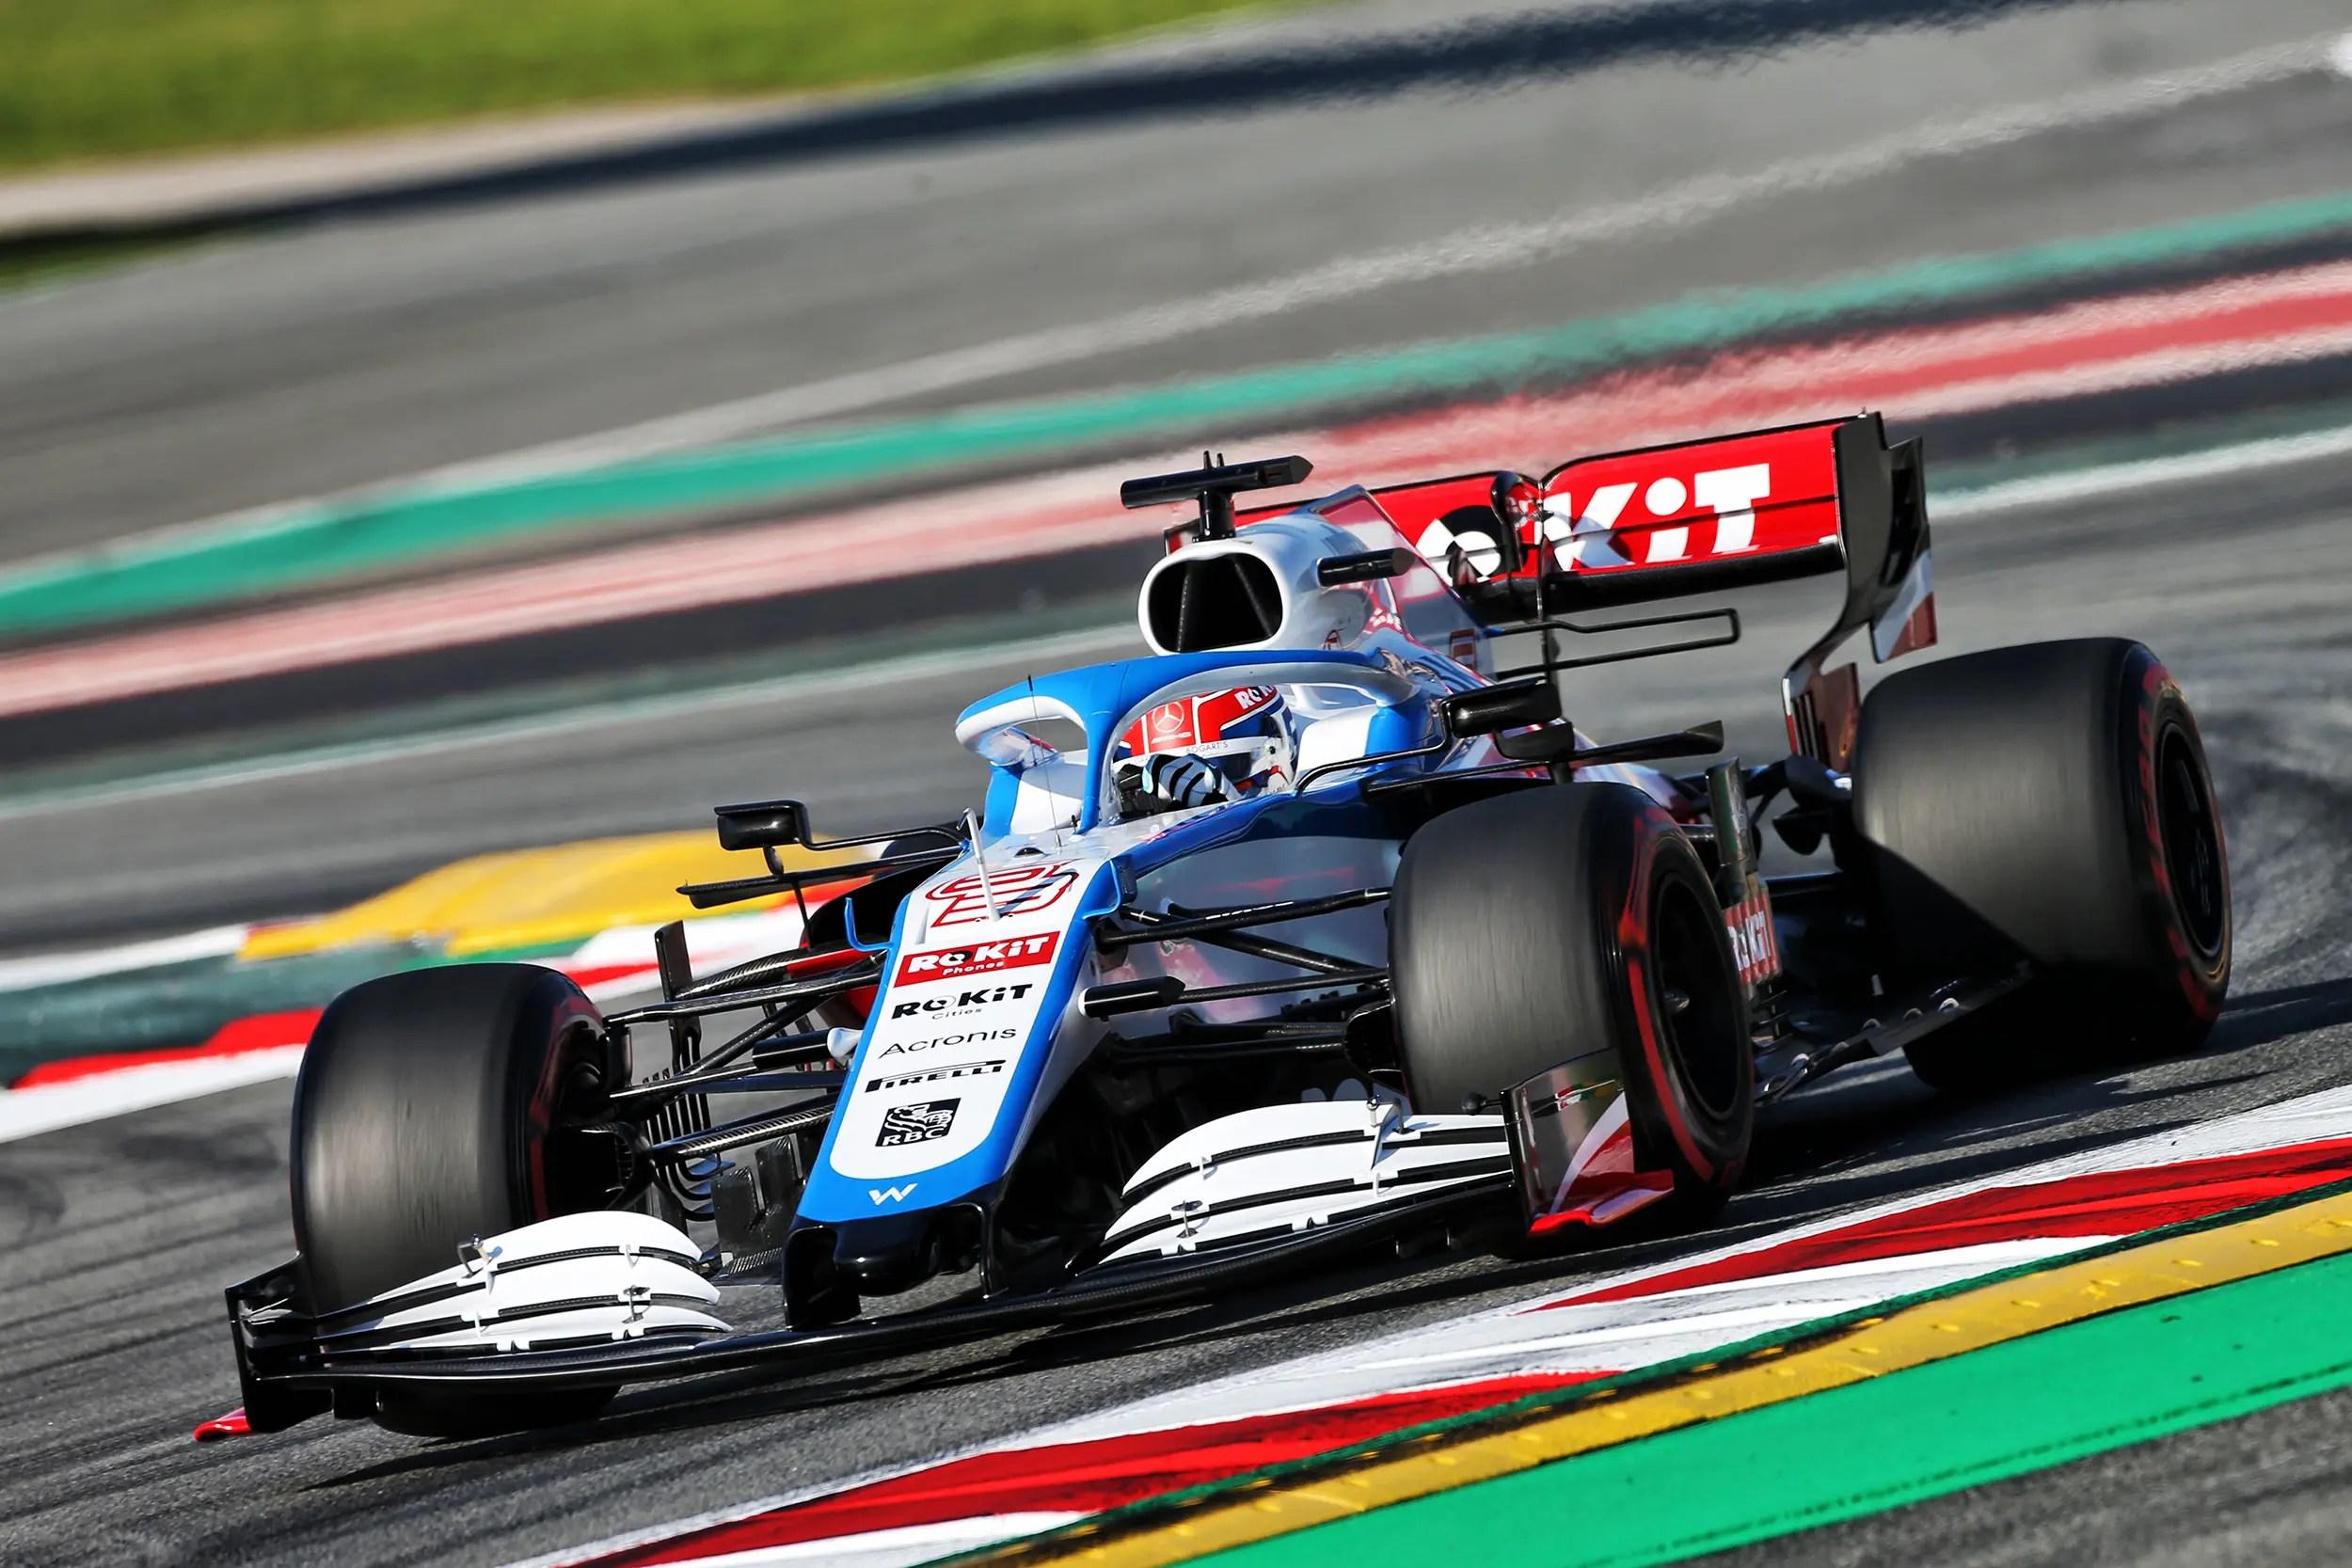 Mercedes teste un système innovant sur la direction de sa F1